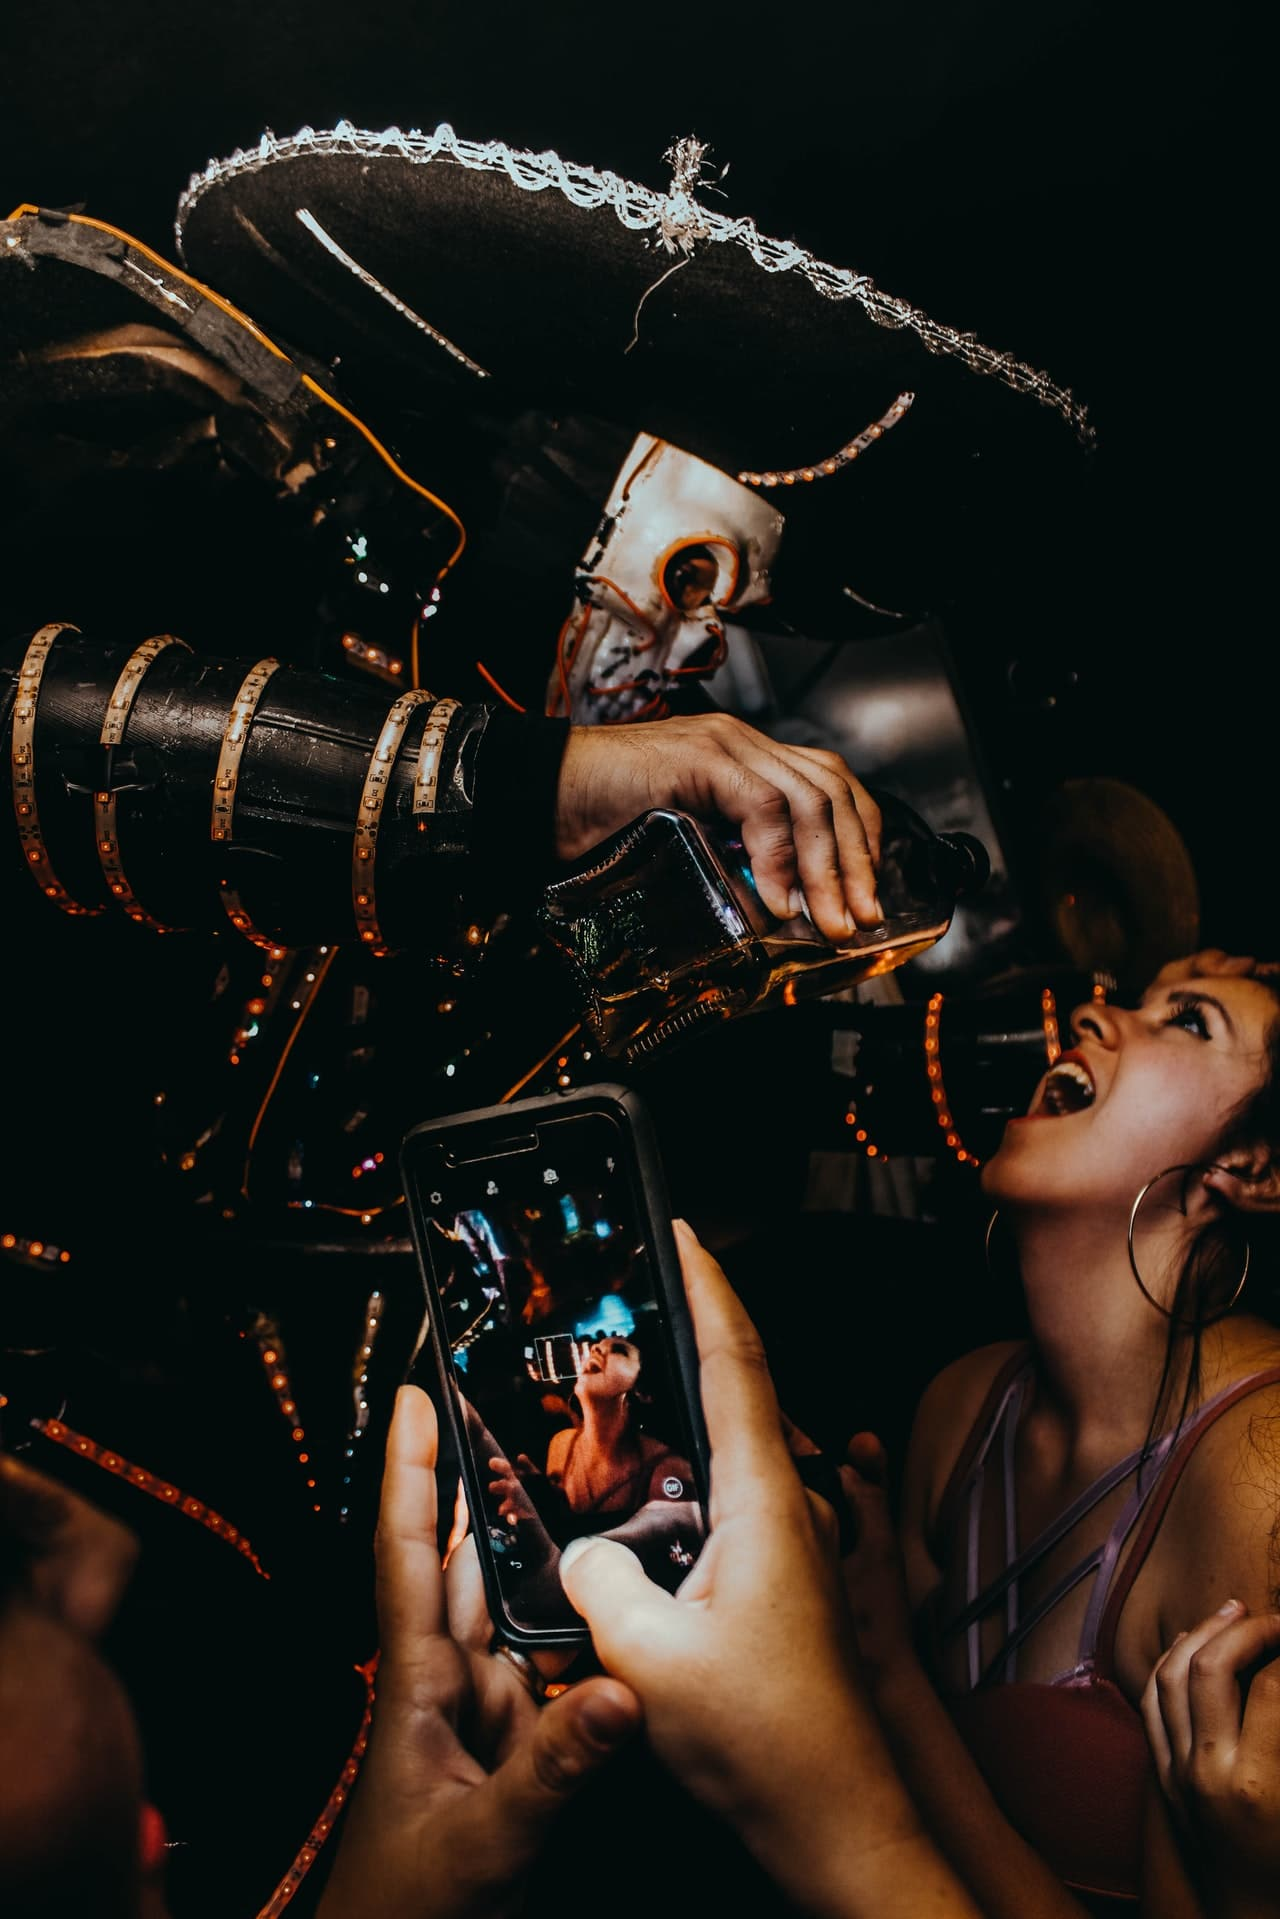 blackout-drunk-teen-drinking-problem-alcohol-rehab-addiction-treatment-Houston-Texas